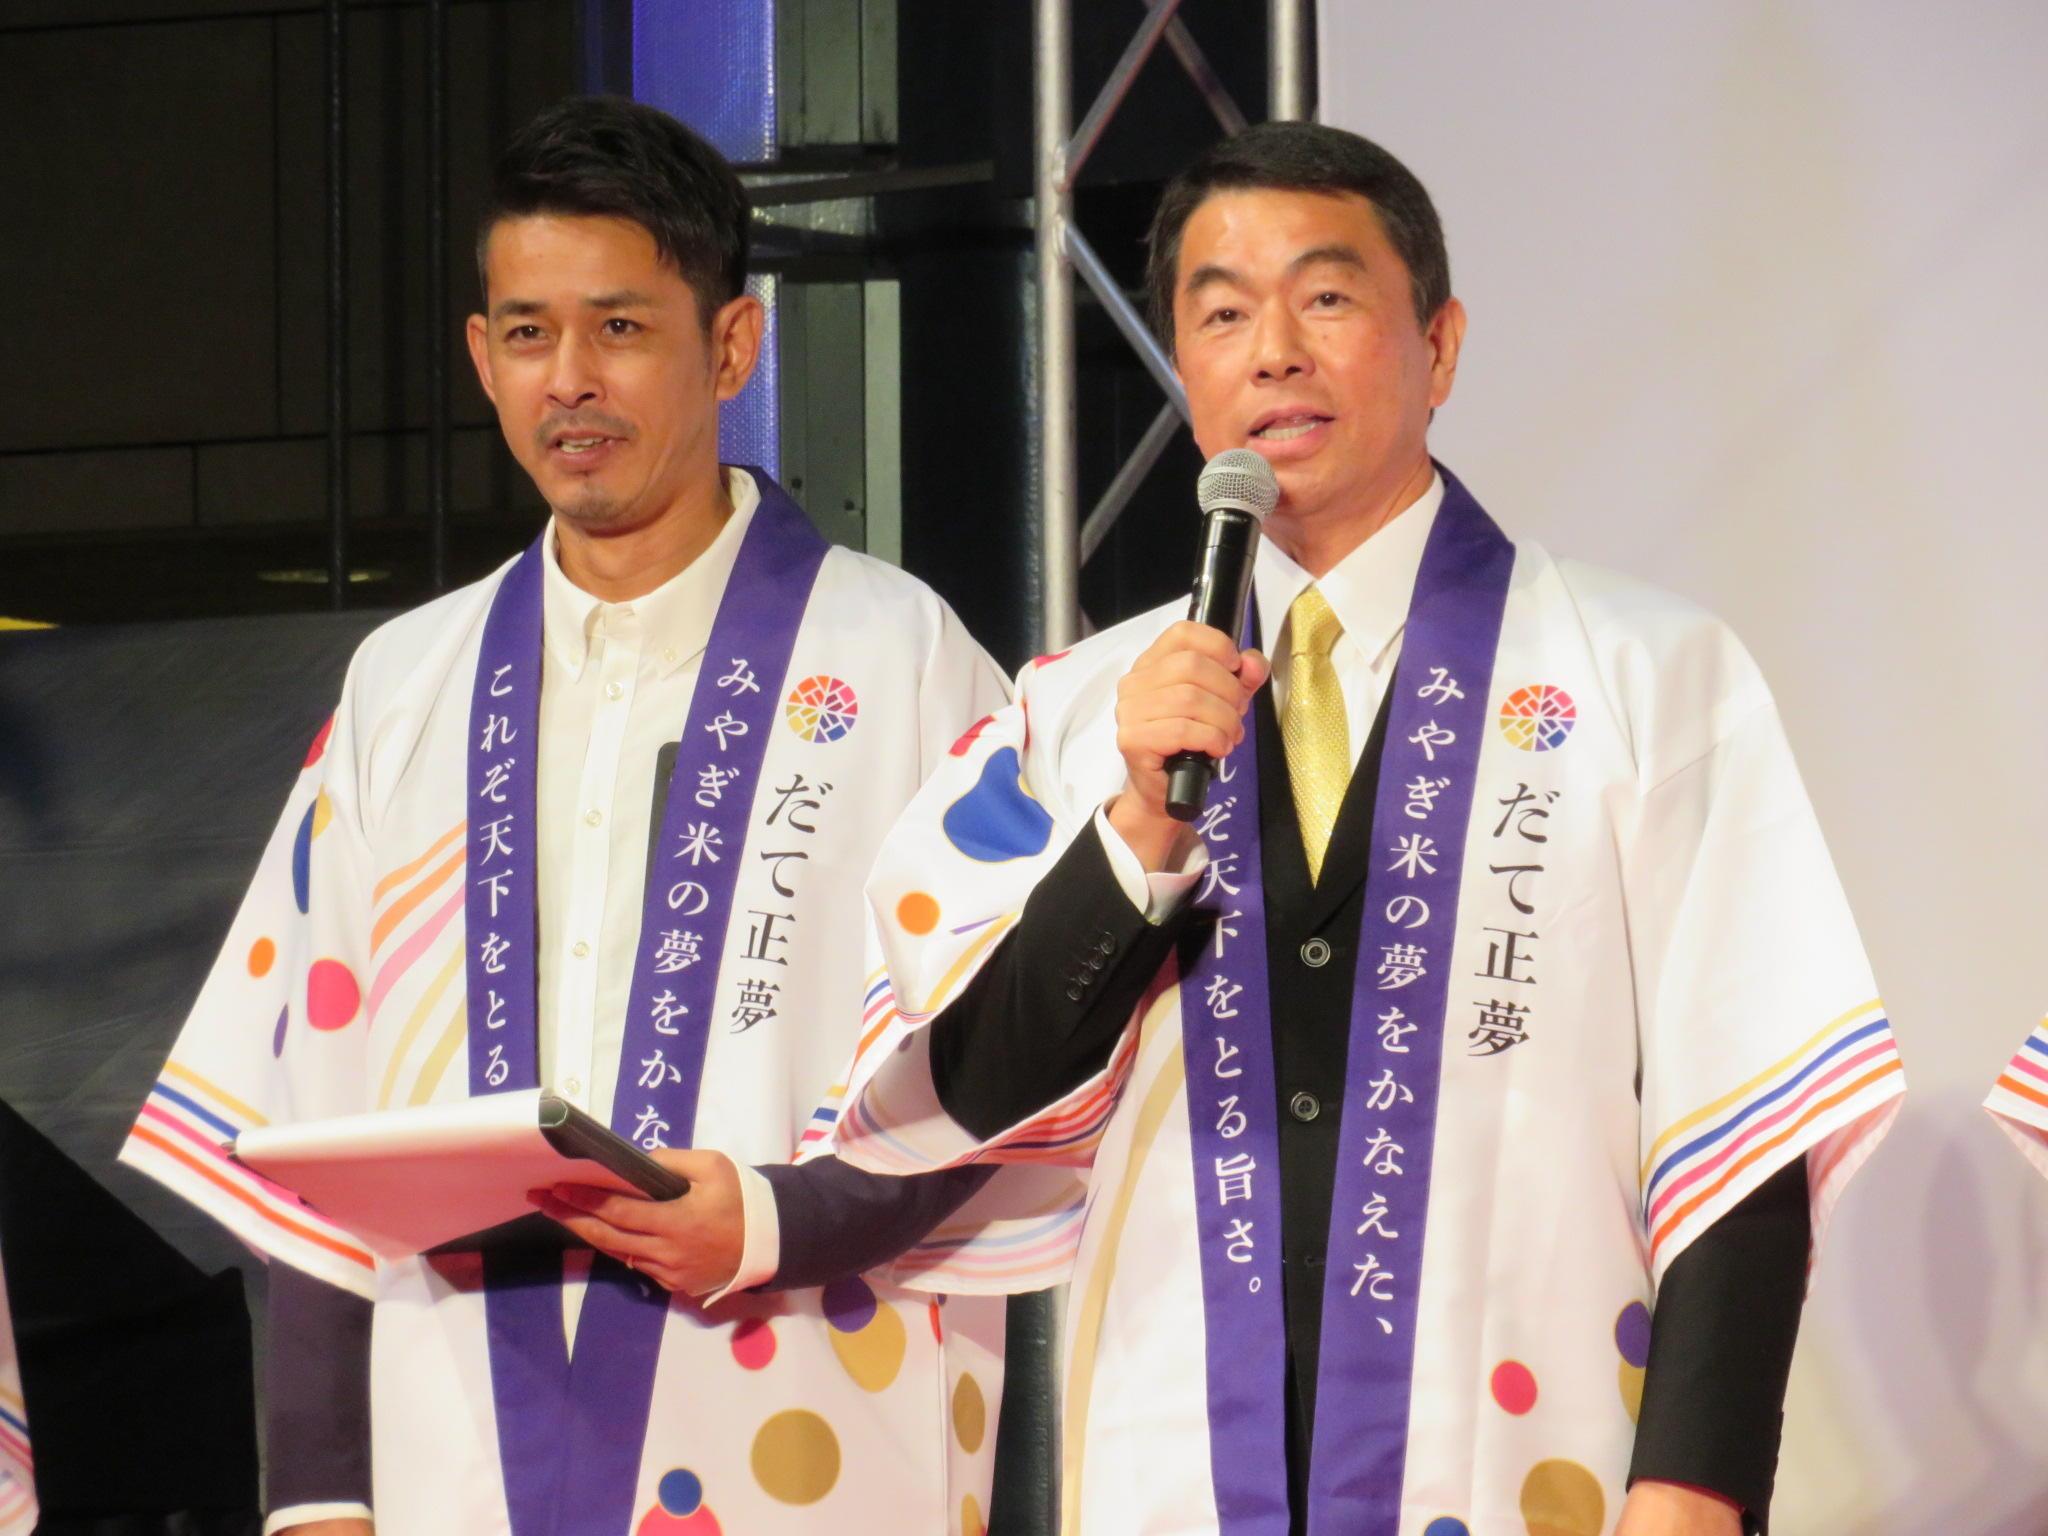 http://news.yoshimoto.co.jp/20181024000625-b2f3e5a76af2df24be6e3036ecc0cb0ce4f5c47a.jpg